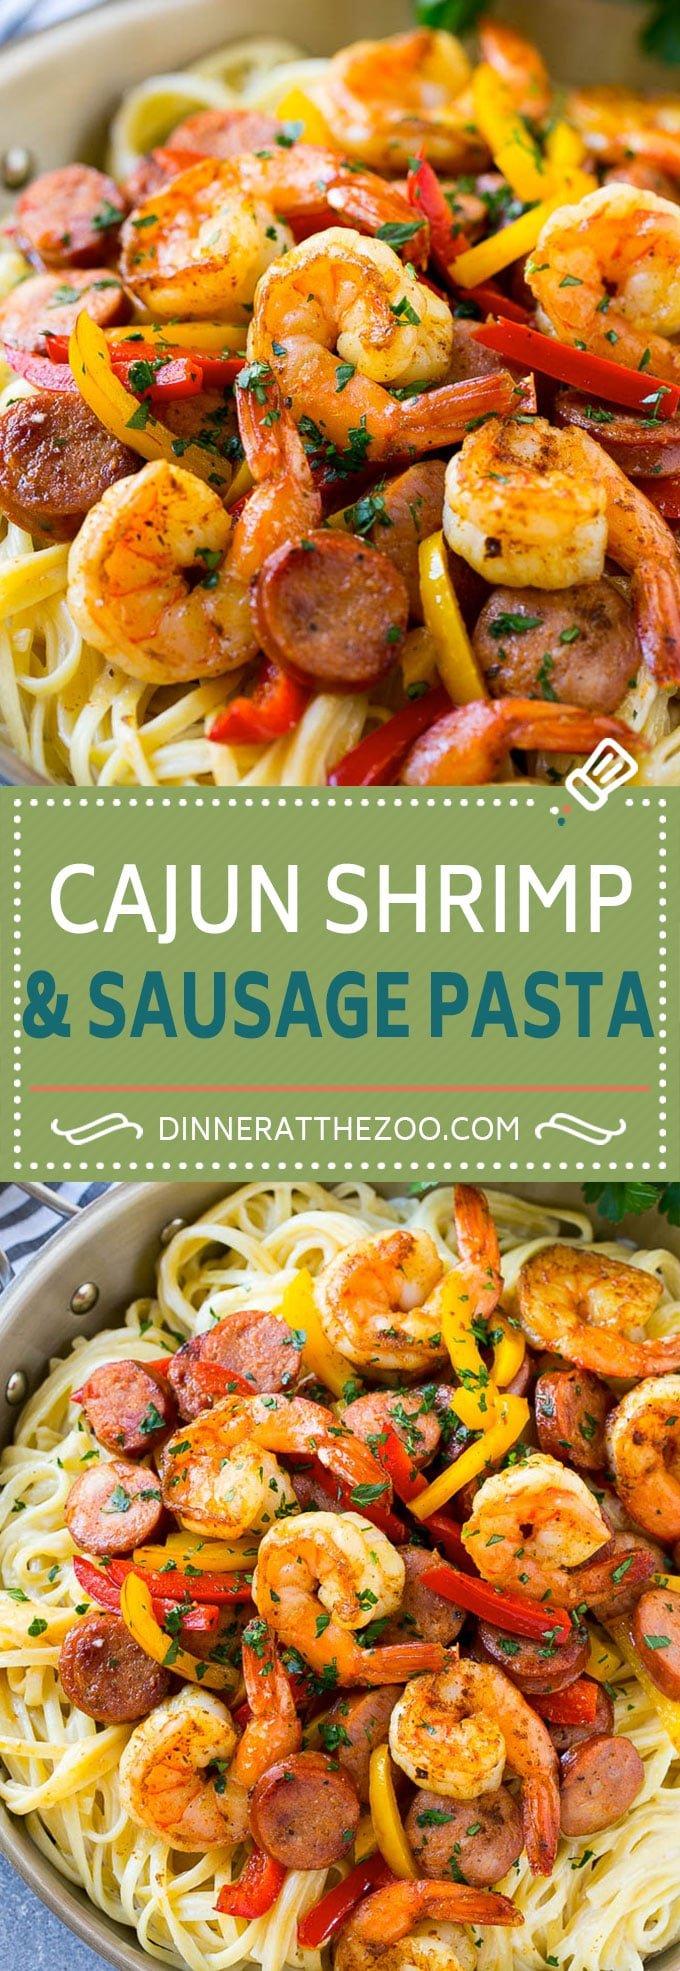 Cajun Shrimp and Sausage Pasta Recipe | Cajun Shrimp Pasta | Shrimp Pasta Recipe | Sausage Pasta Recipe #pasta #shrimp #sausage #cajun #shrimppasta #dinner #dinneratthezoo